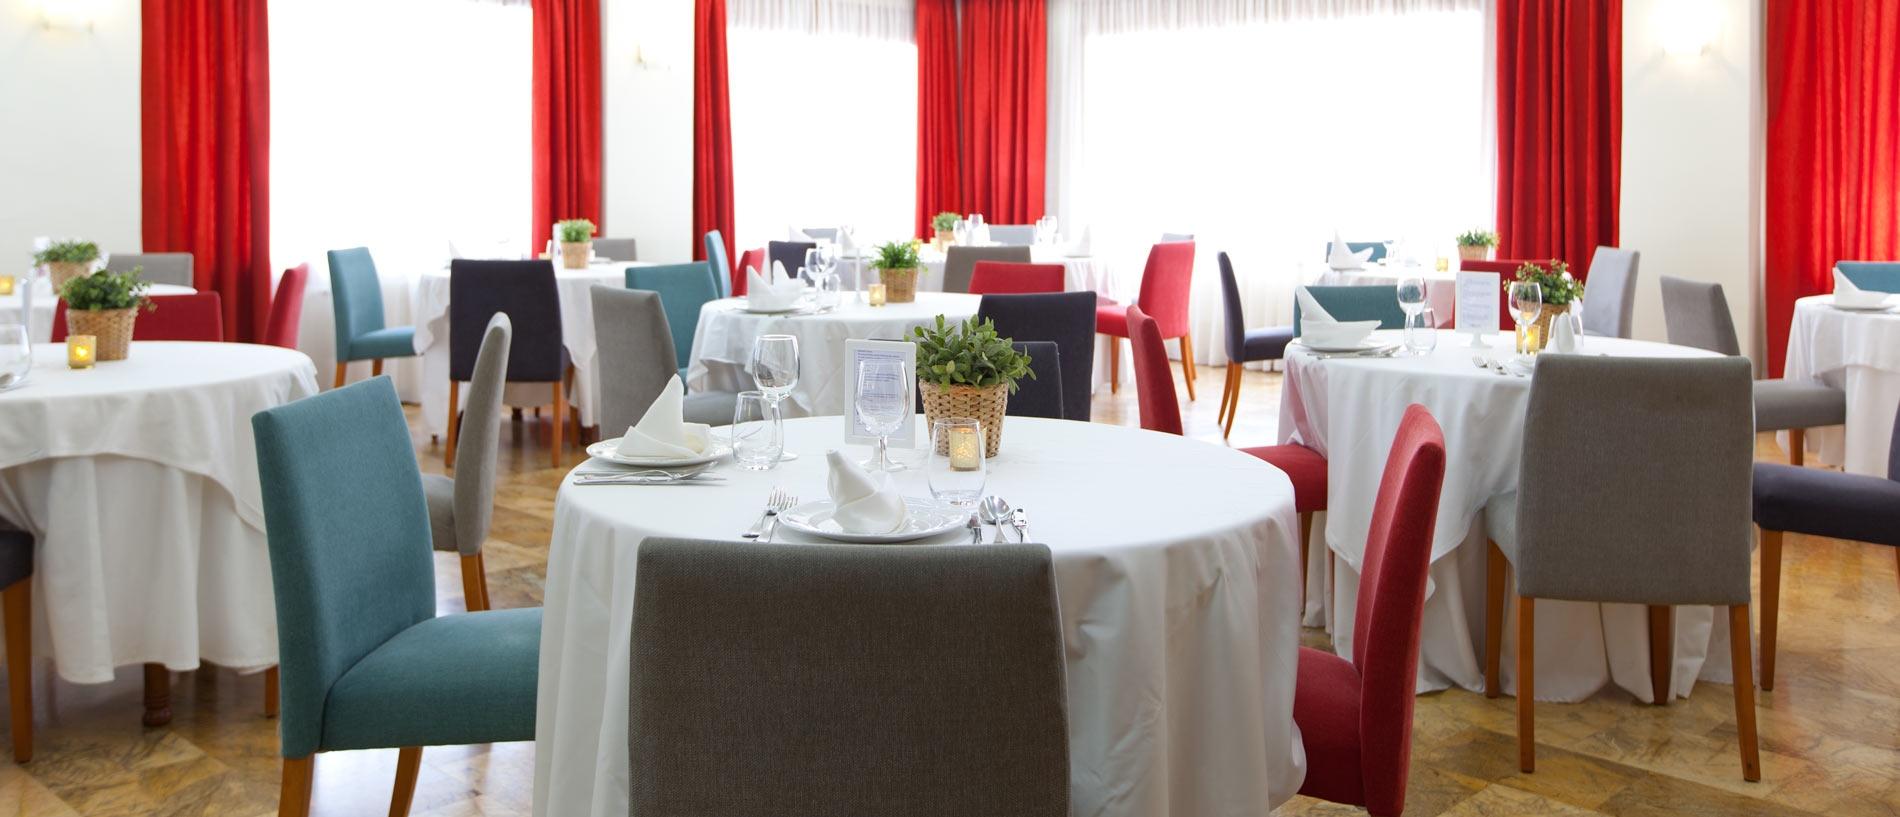 servicios_restaurante_cafeteria_1